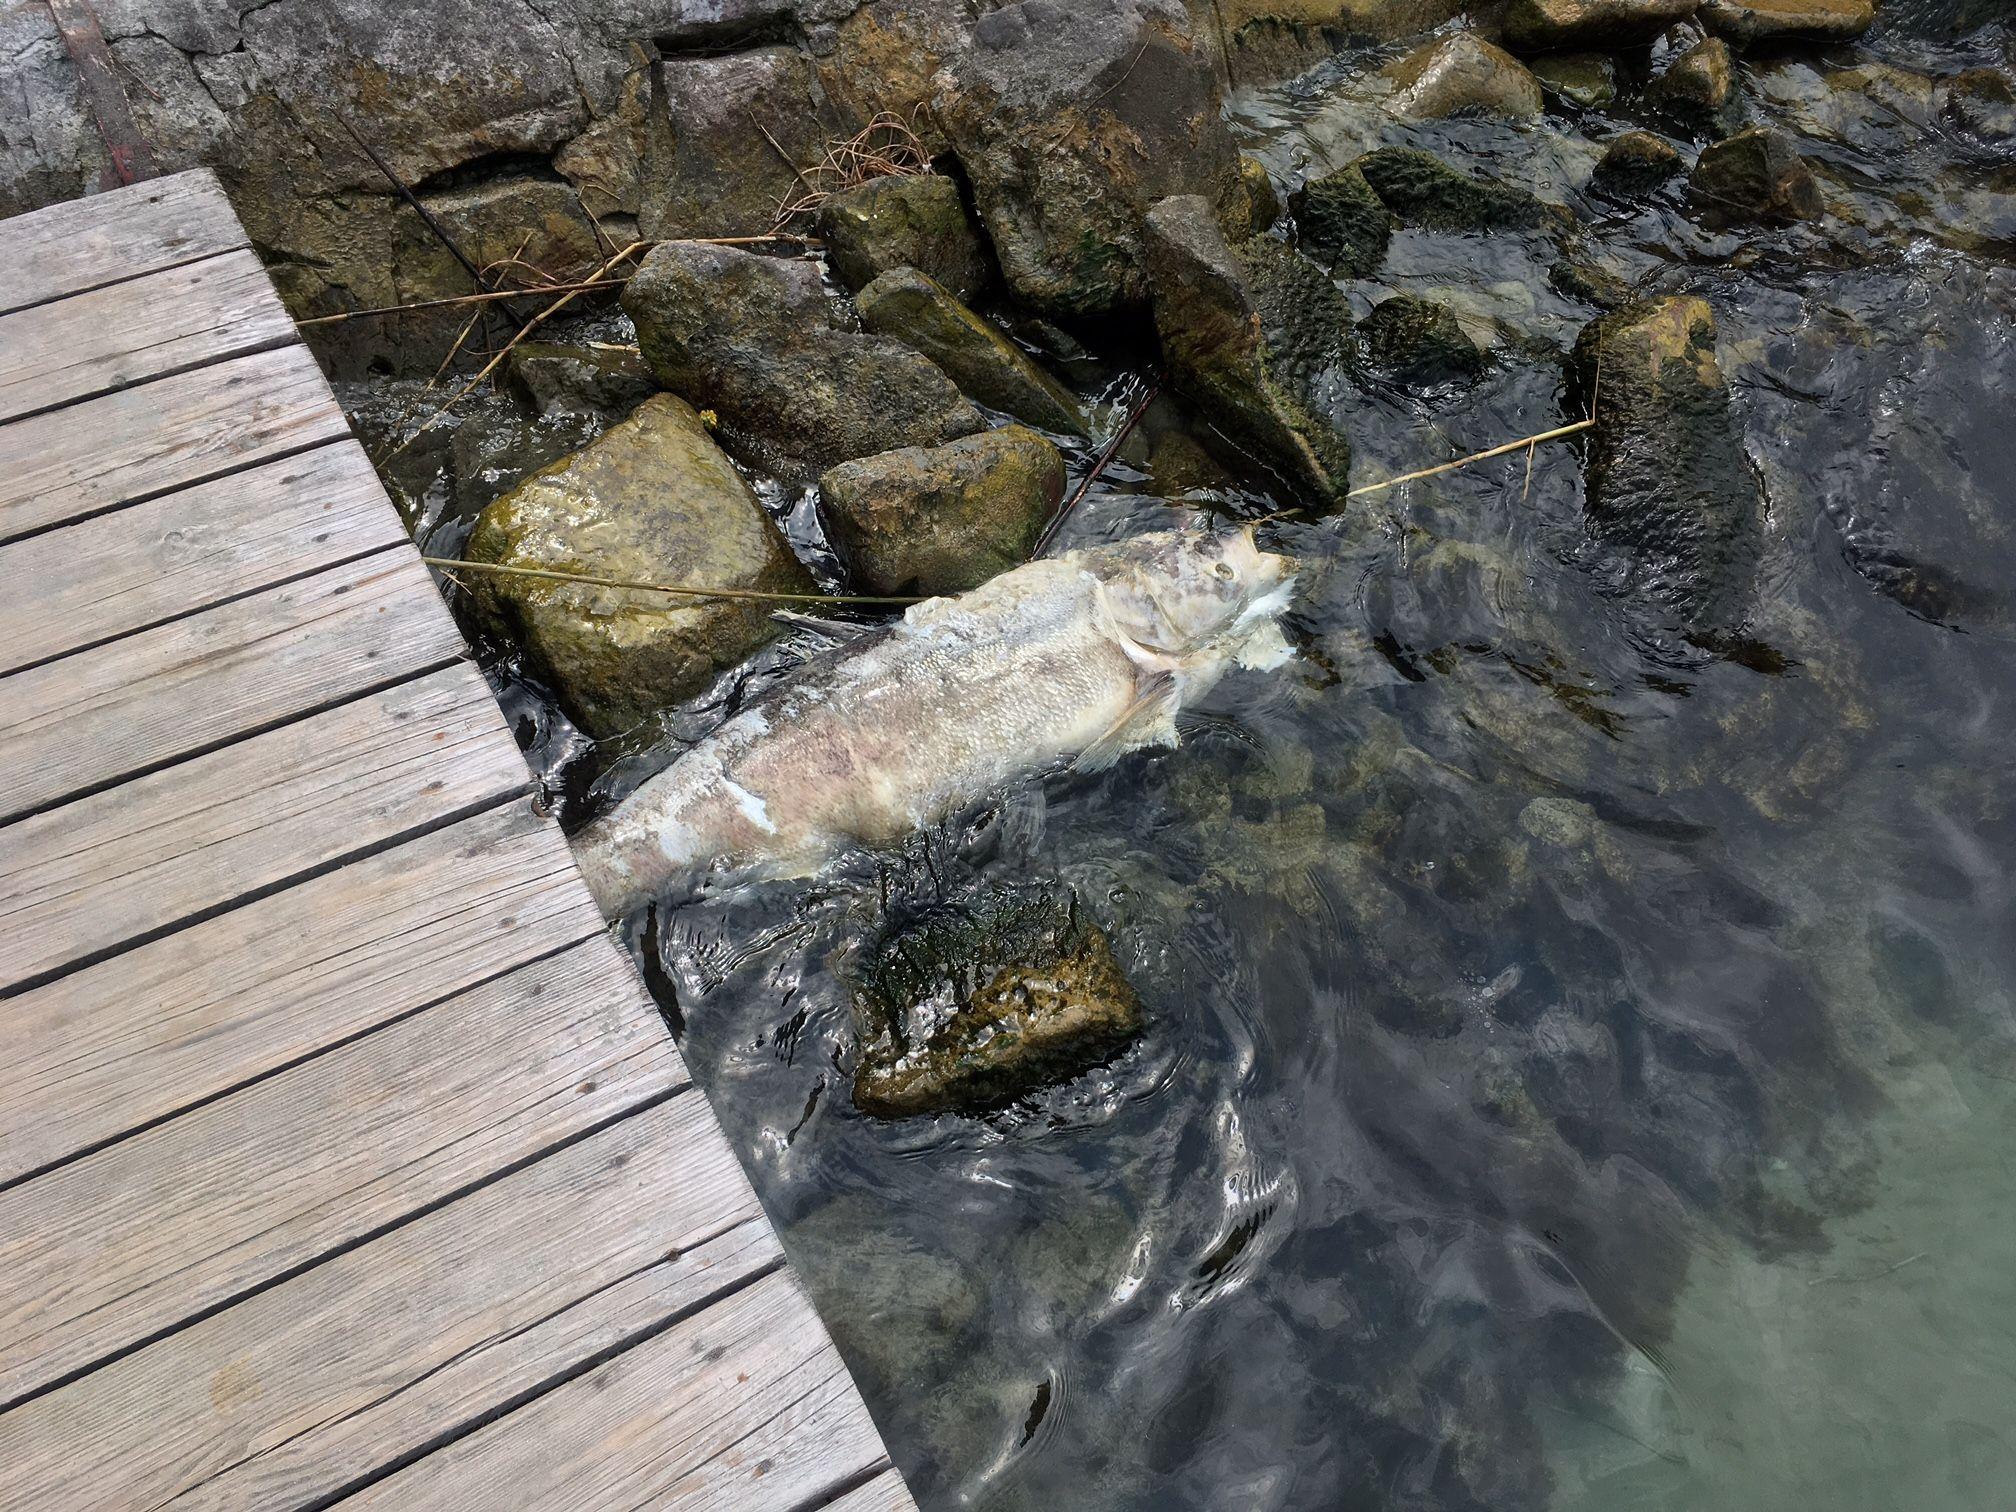 Több napja rohad egy döglött hal a siófoki Aranyparton